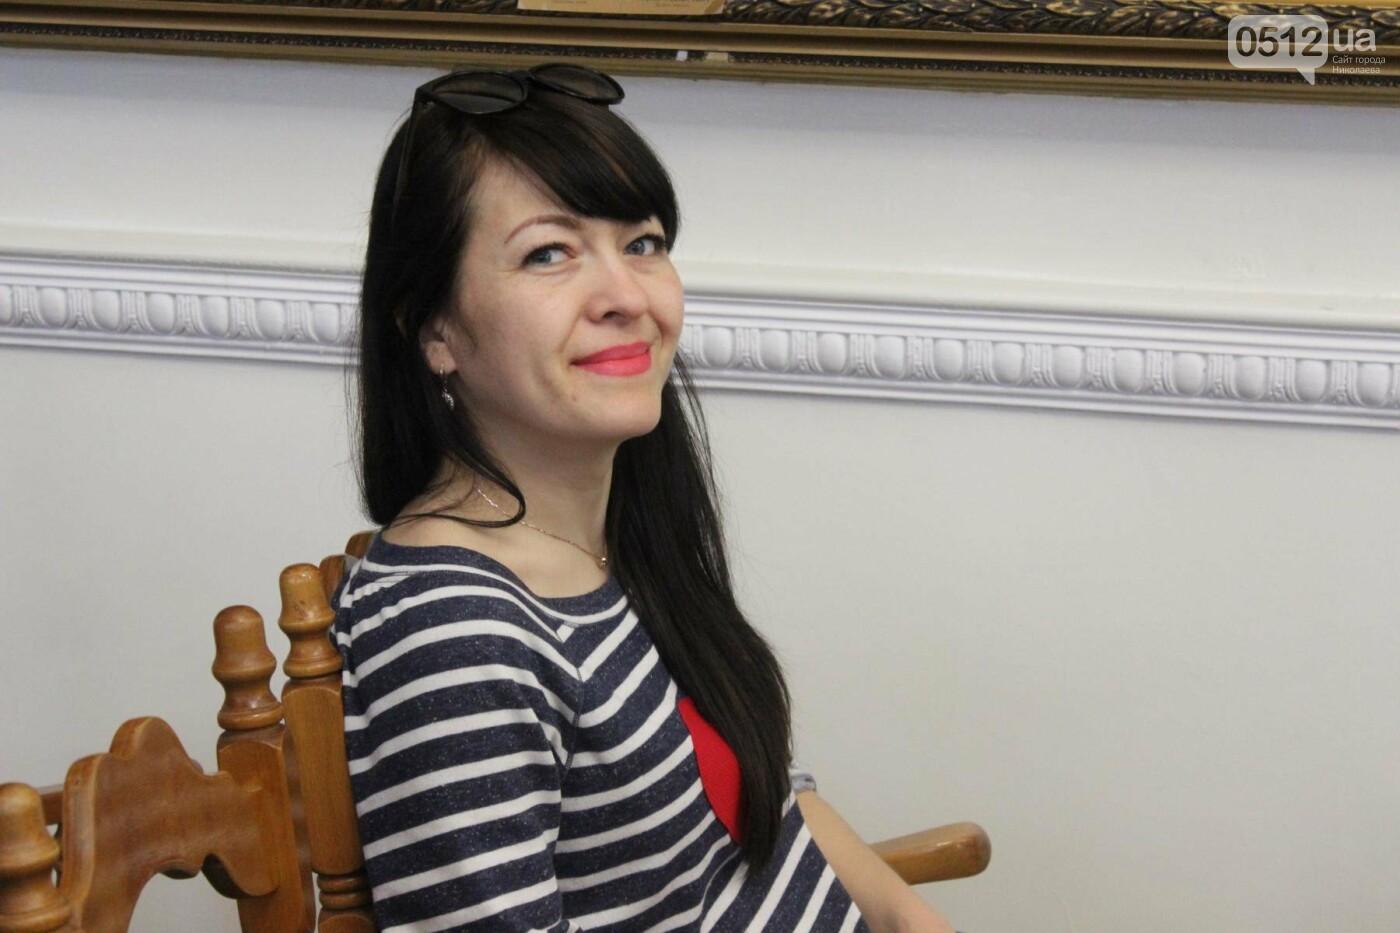 В Николаевском художественном музее рассказали, как подделывать картины, - ФОТО, фото-12